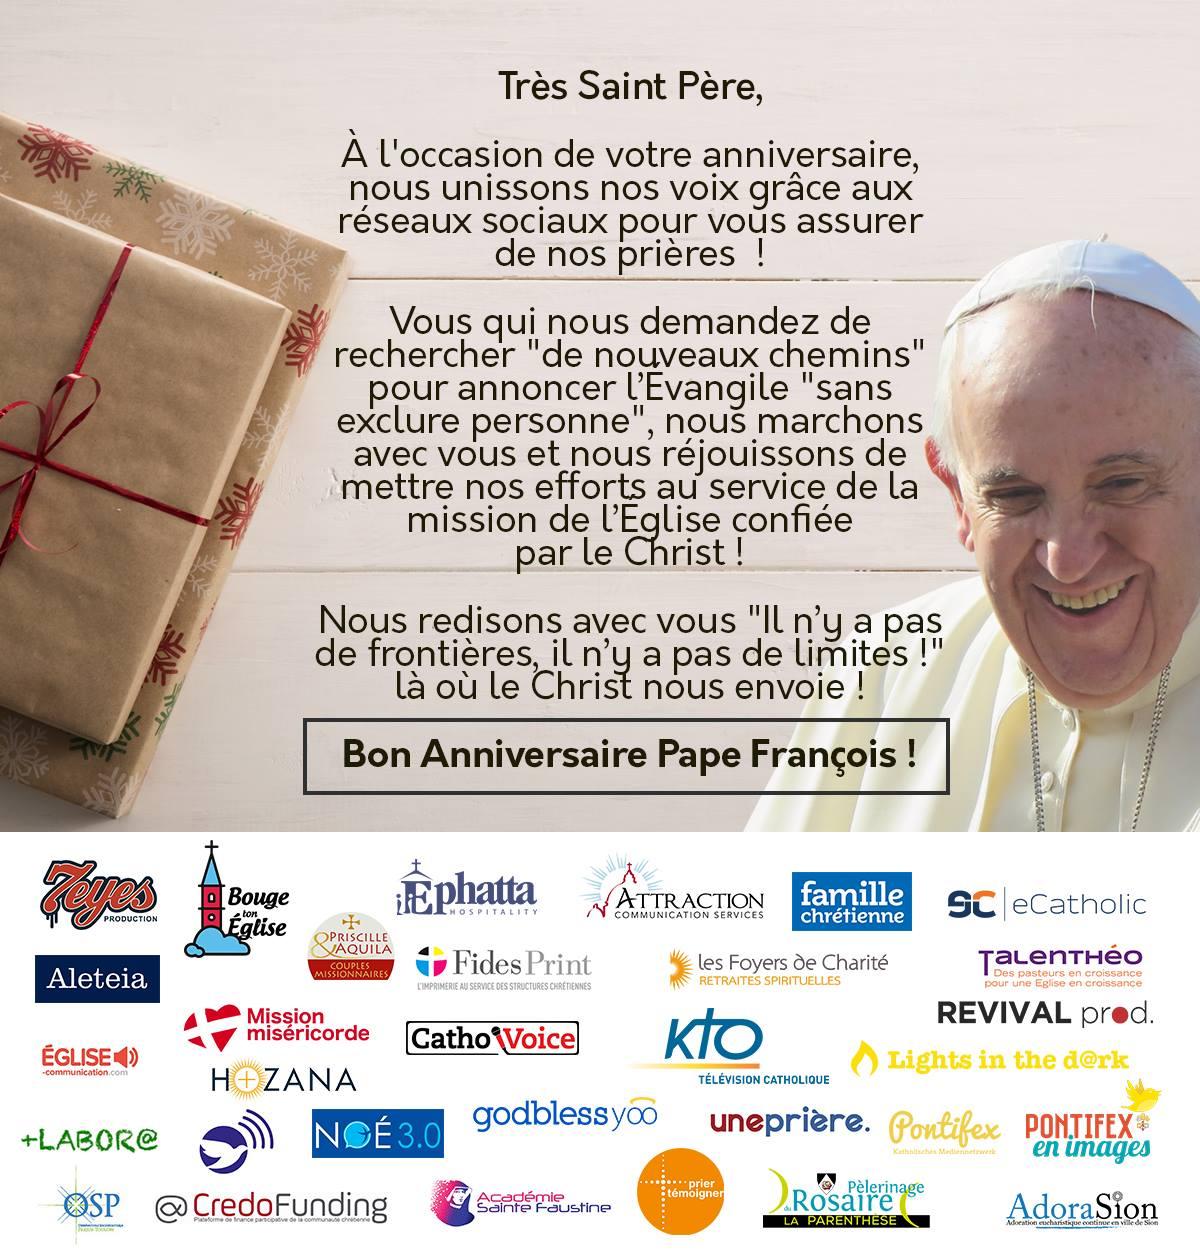 Pontifex80